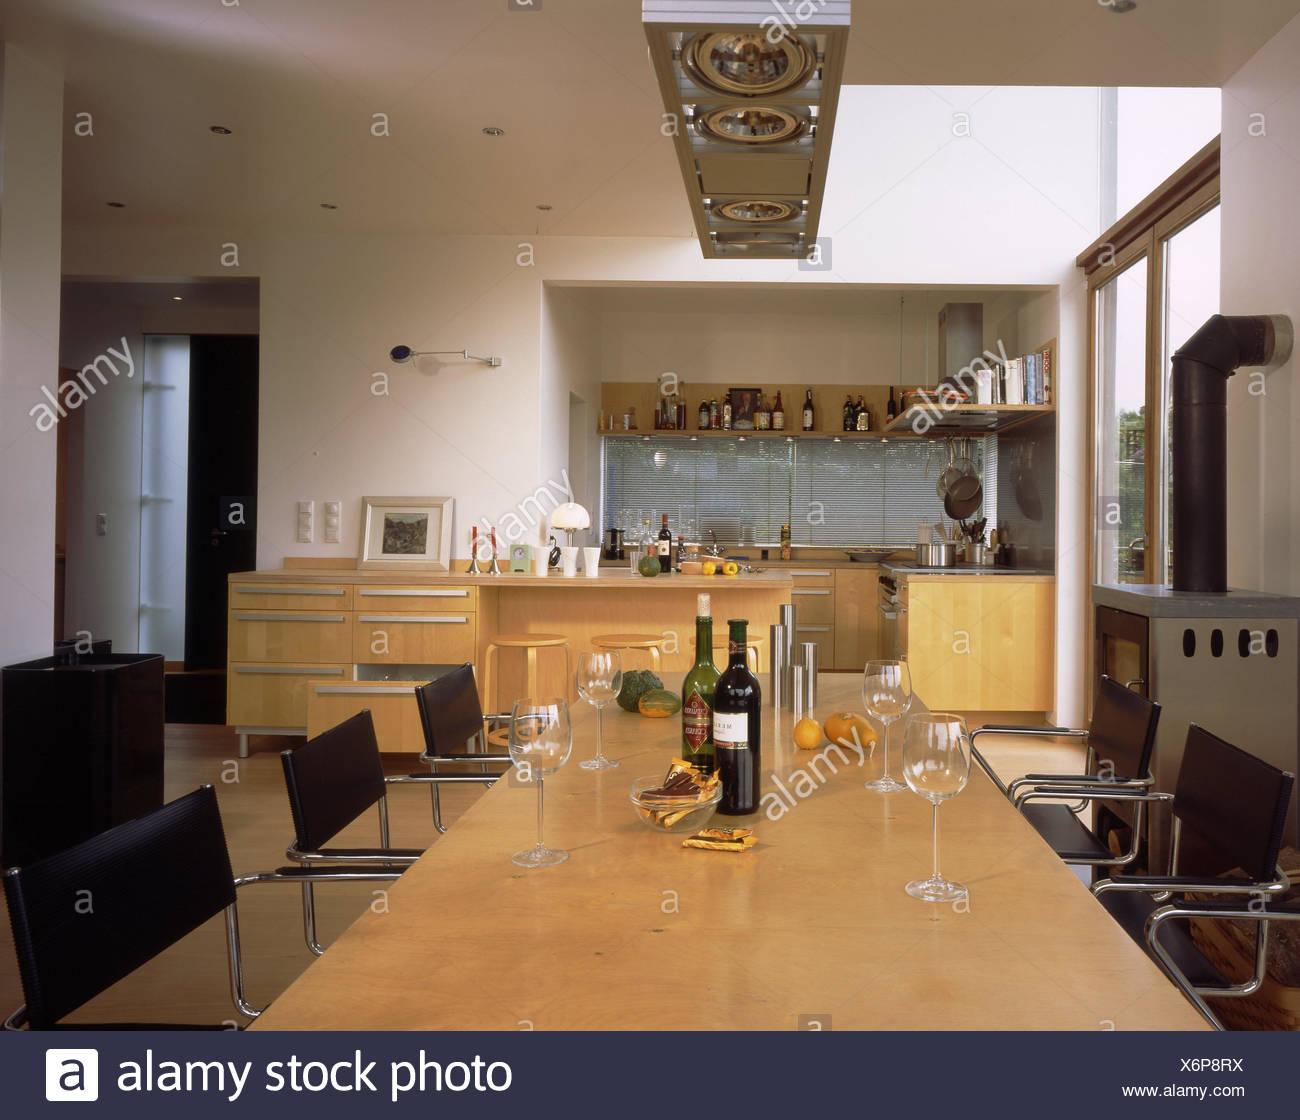 Casa Residencial, cocina-comedor, cocina, cocina, culinaria APARADOR ...